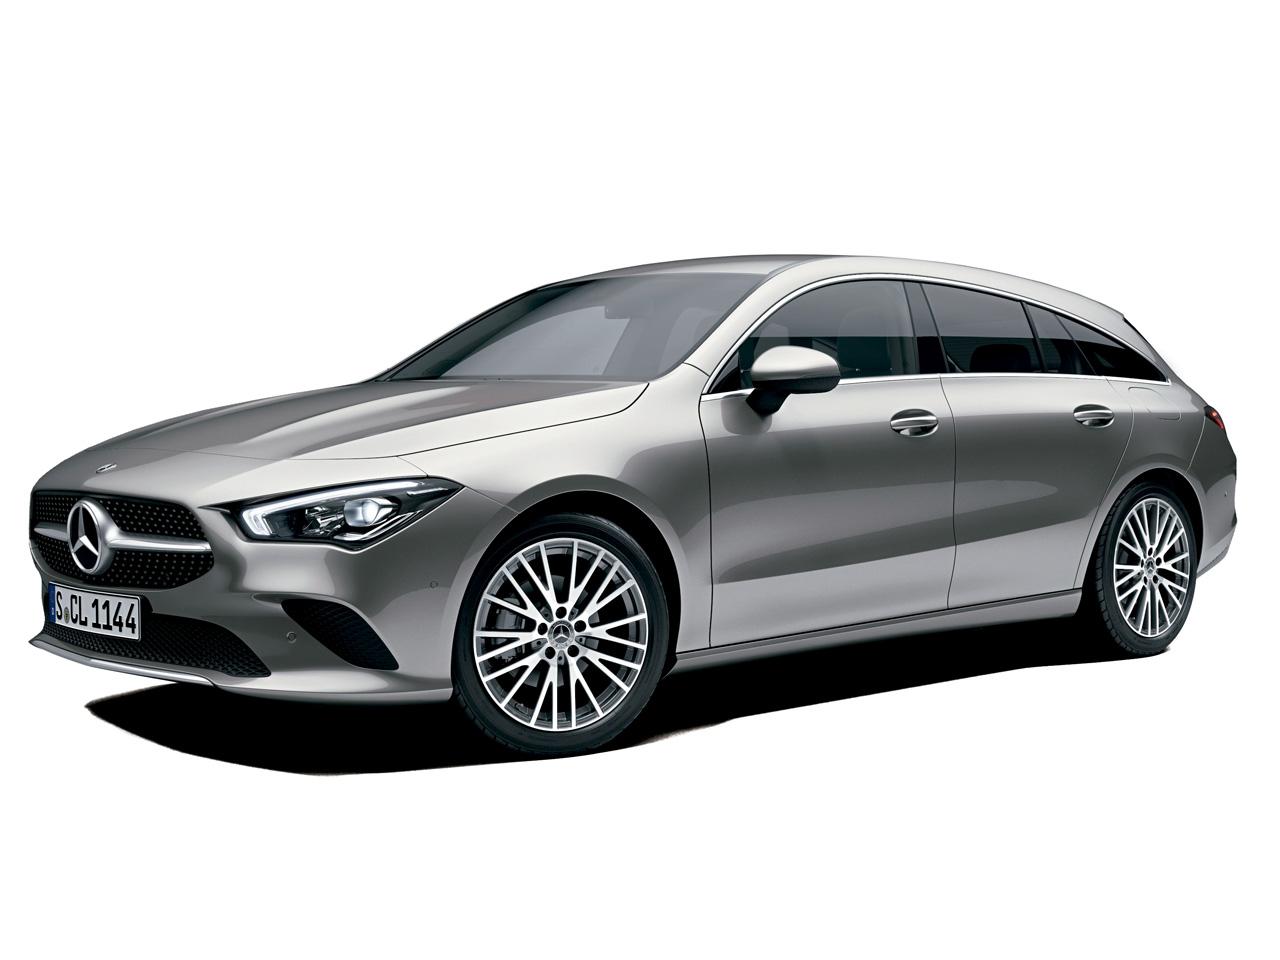 メルセデス・ベンツ CLAクラス シューティングブレーク 2019年モデル 新車画像